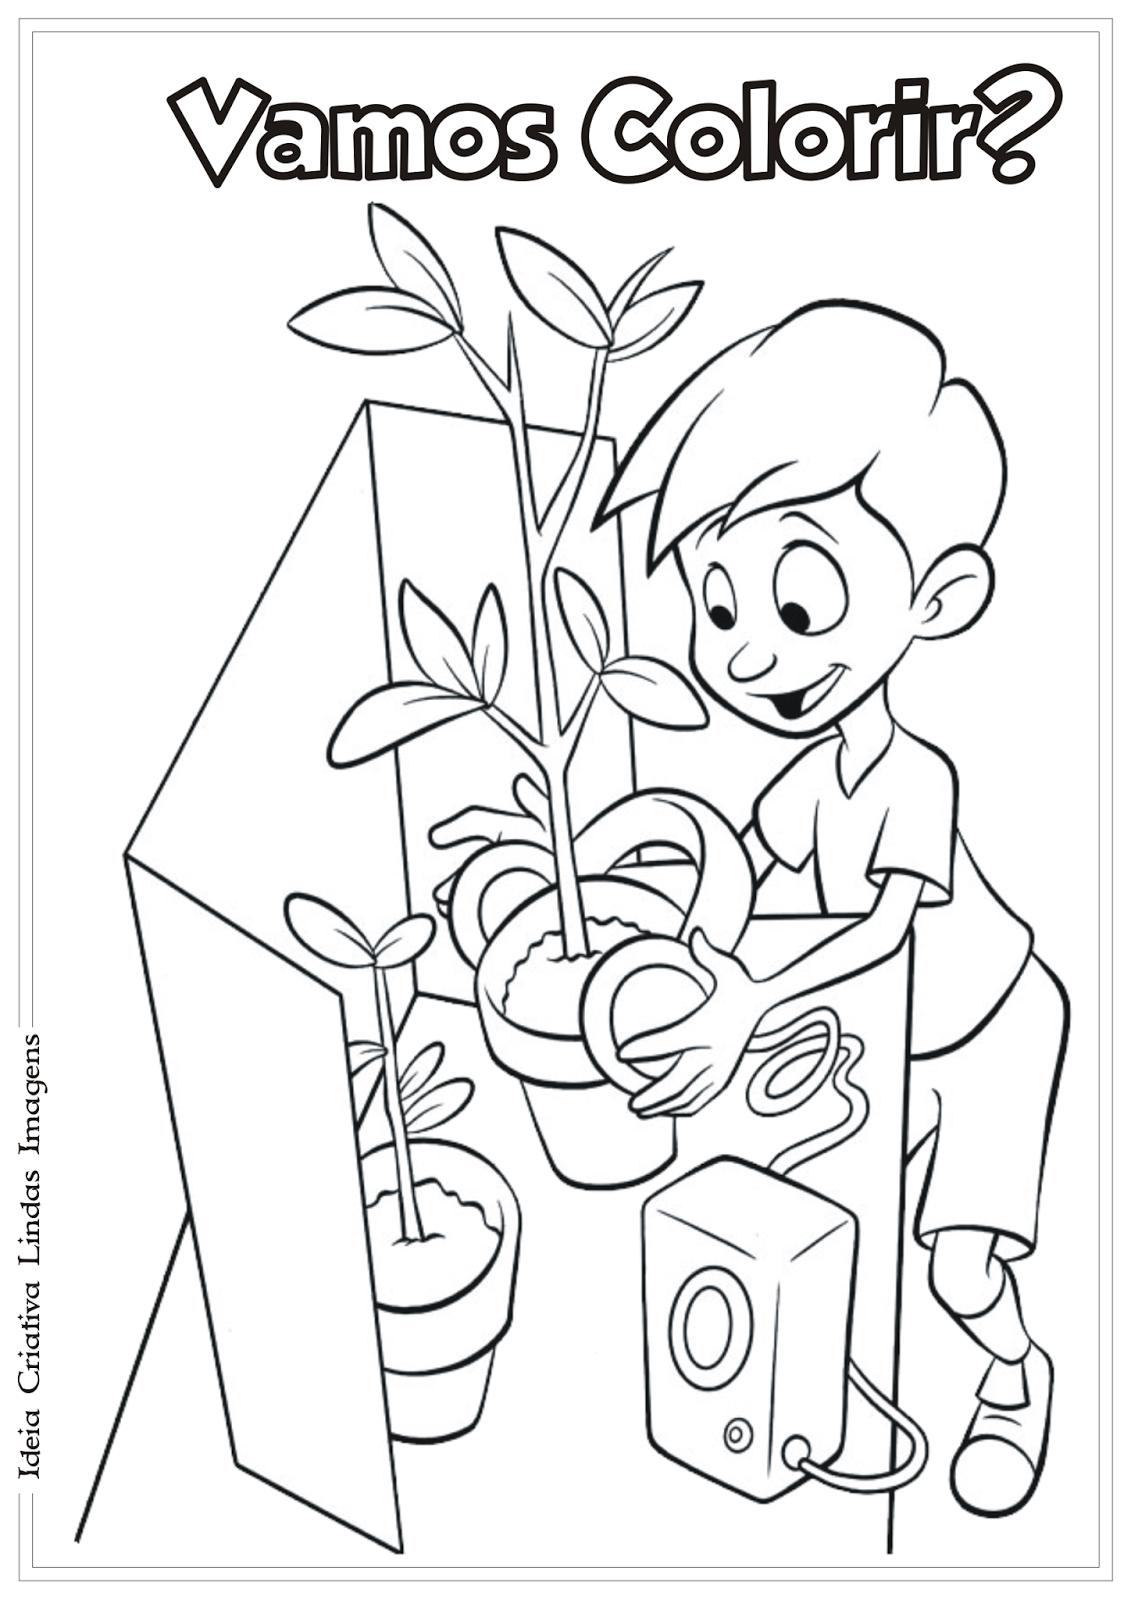 A família do futuro desenho para colorir